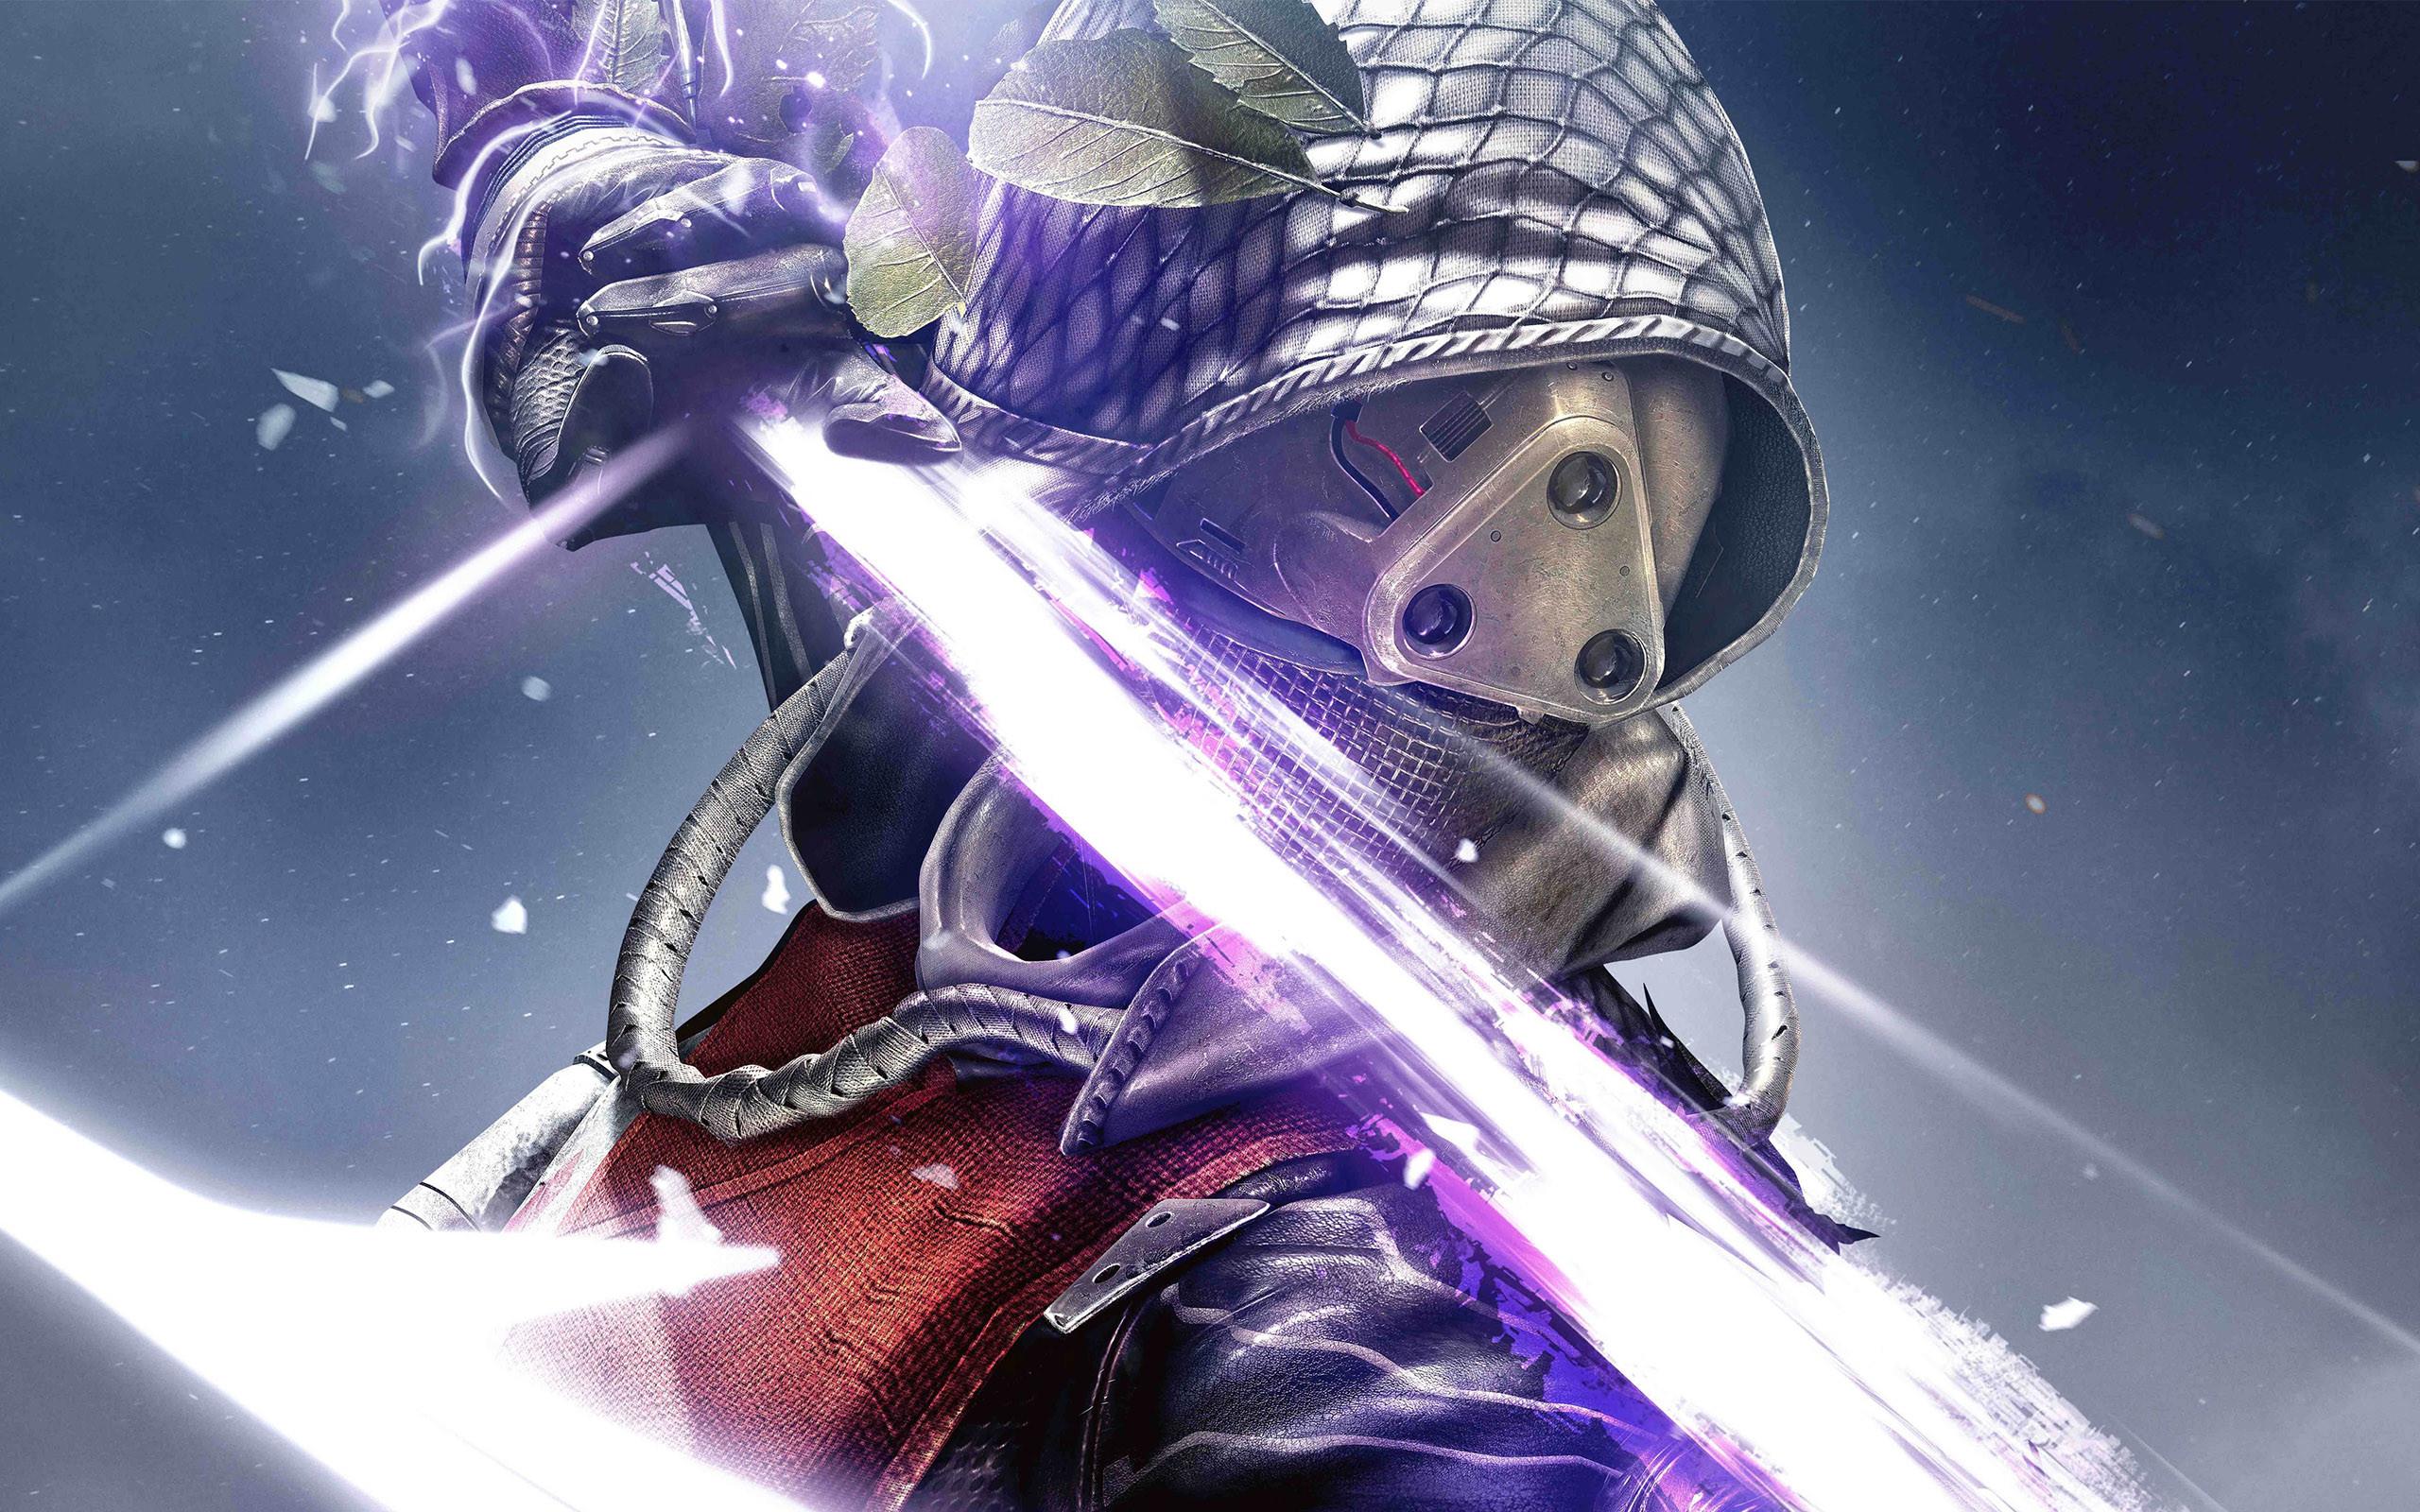 Destiny-The-Taken-King-Hunter-Character-Game-Sword-WallpapersByte-com-2560×1600.jpg  (2560×1600) | Cyberpunk | Pinterest | Wallpaper, Cyberpunk and …